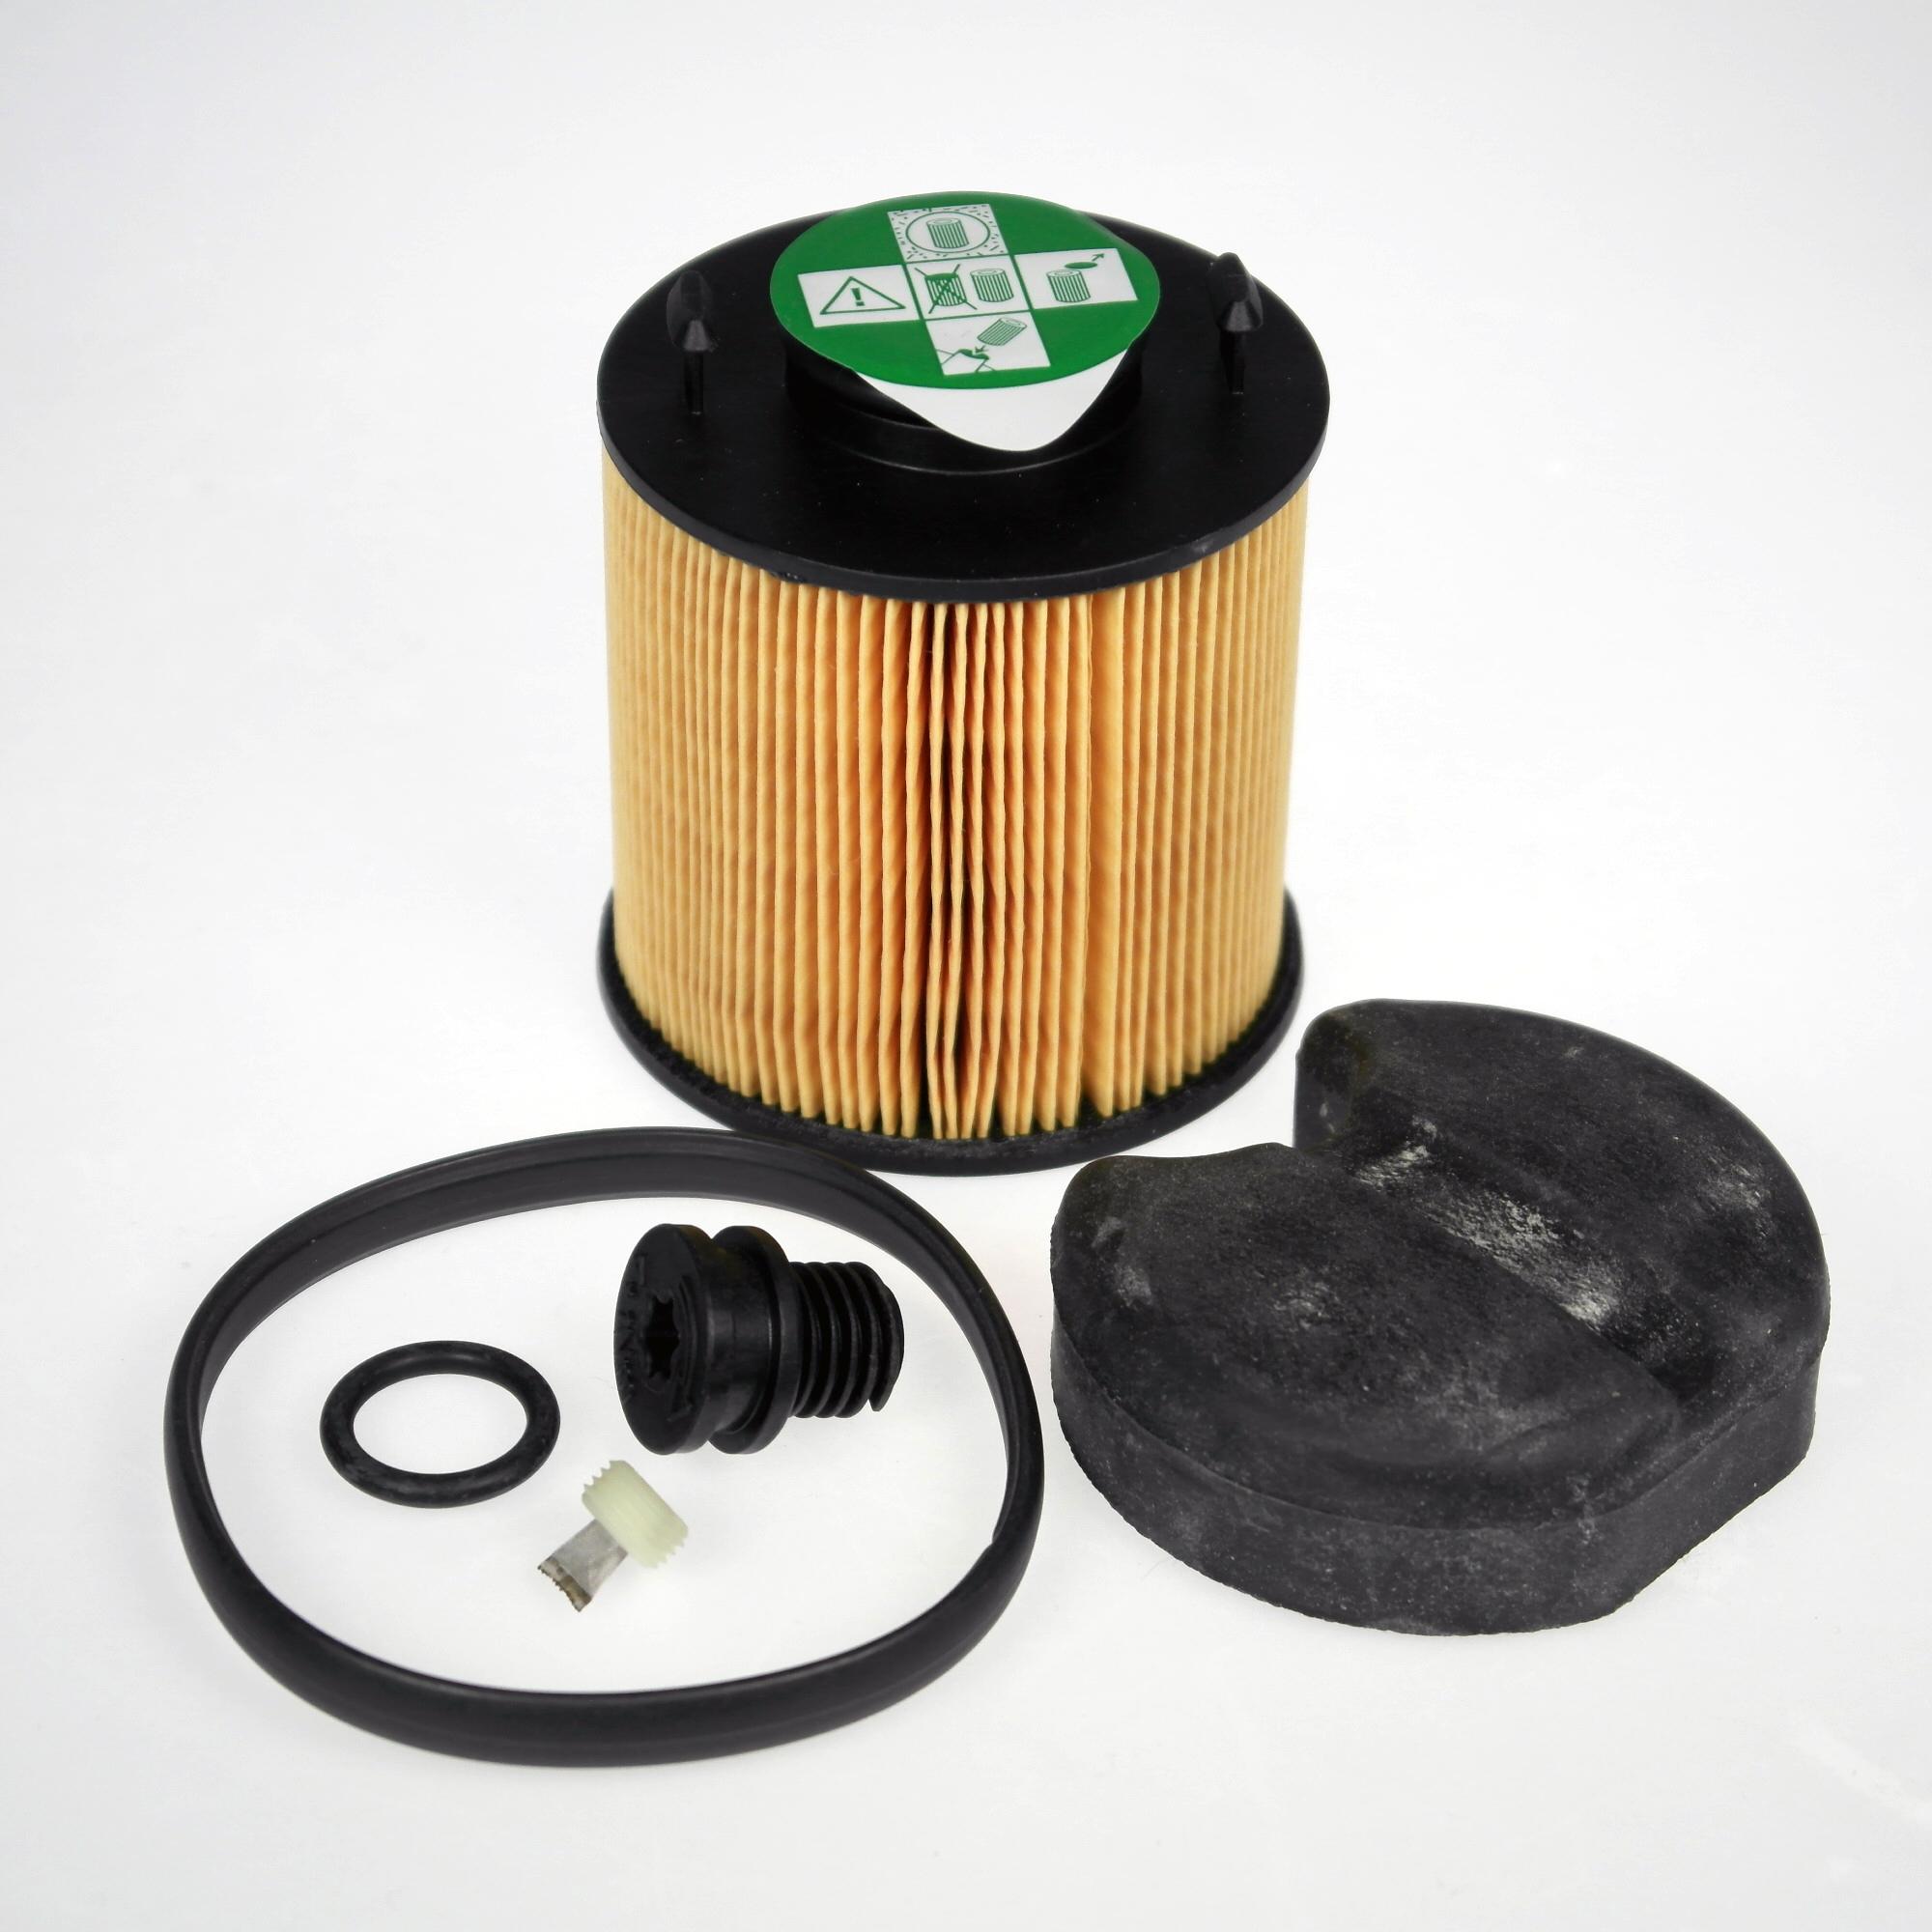 Filterlement kit for AdBlue, varenummer U620-2Y-KIT